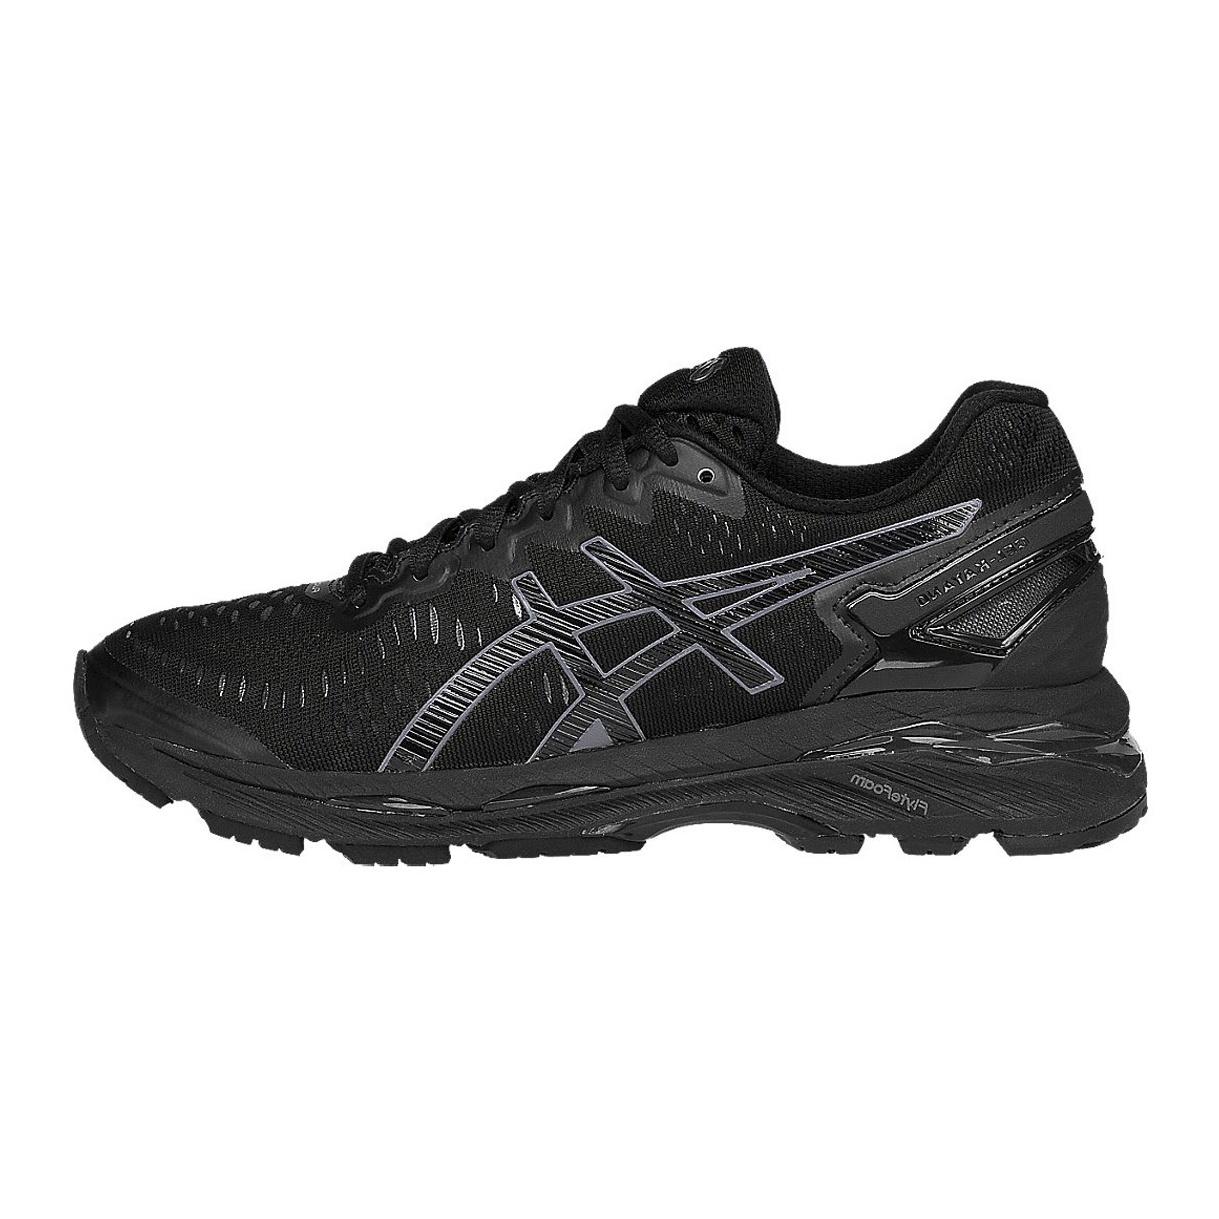 کفش مخصوص دویدن زنانه اسیکس مدل GEL-KAYANO 23 کد T696N-9099